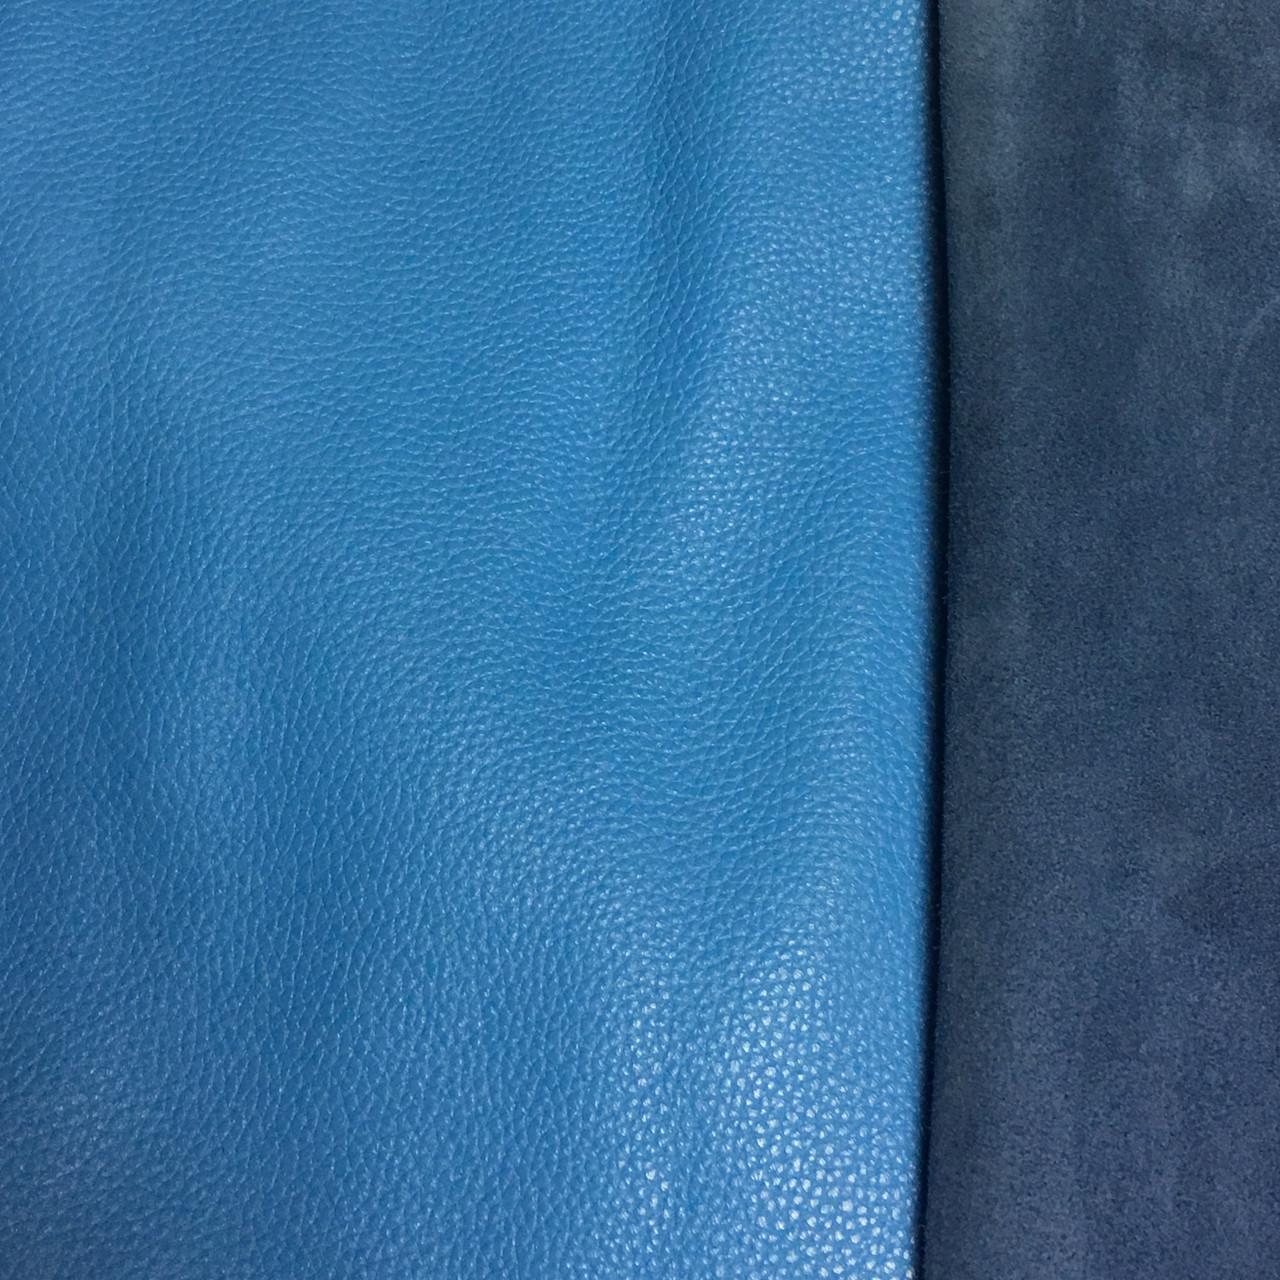 Кожа КРС FLOTAR 1,4-1,6мм blue 622 лицевая